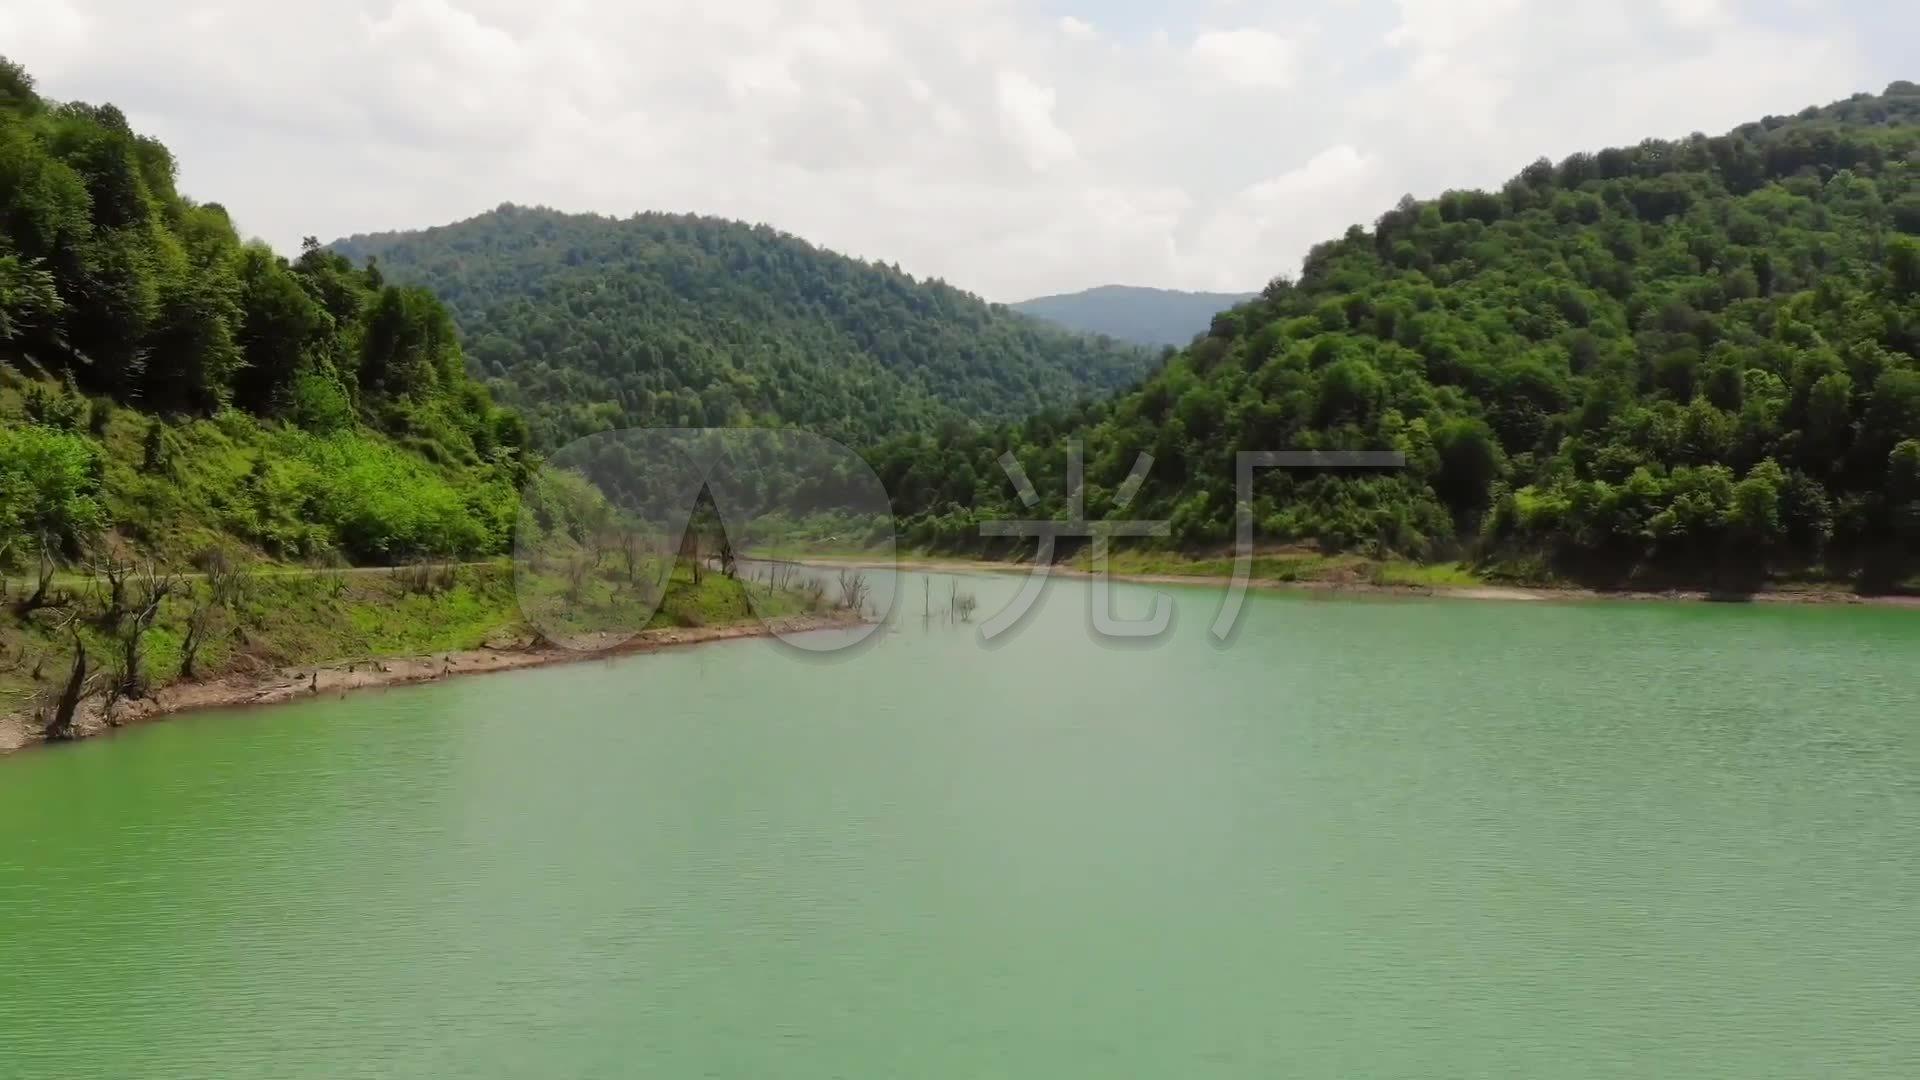 河边露营山下河流风景_1920x1080_高清视频素材下载